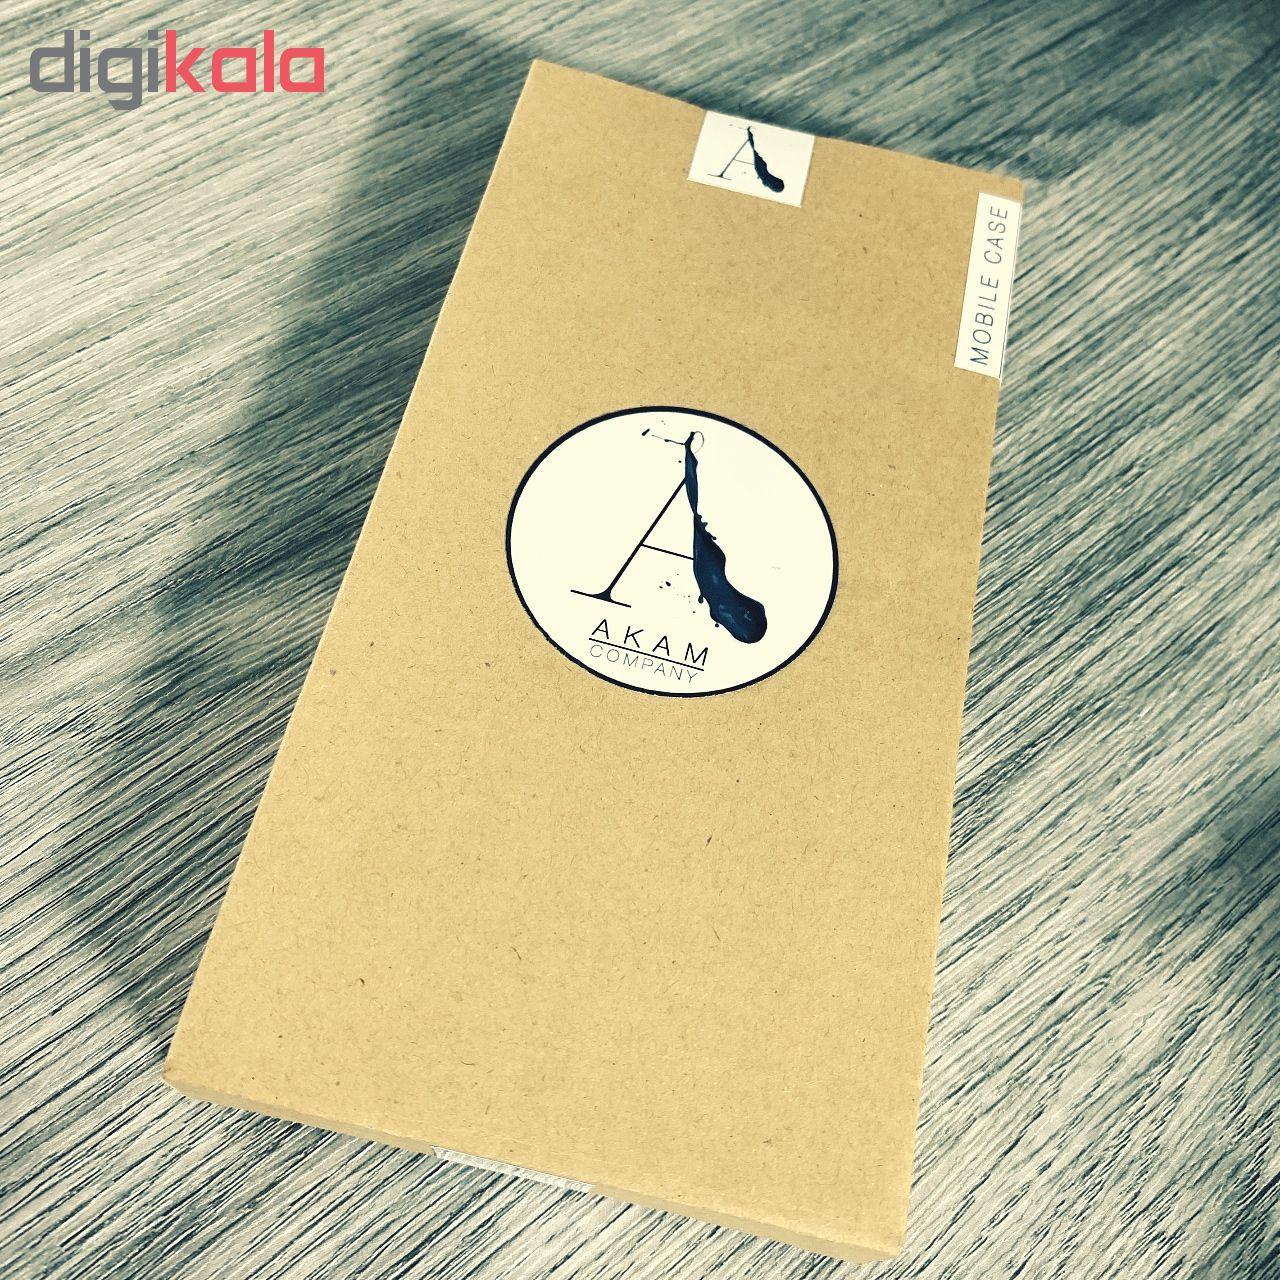 کاور آکام مدل A71593 مناسب برای گوشی موبایل اپل iPhone 7/8 main 1 2